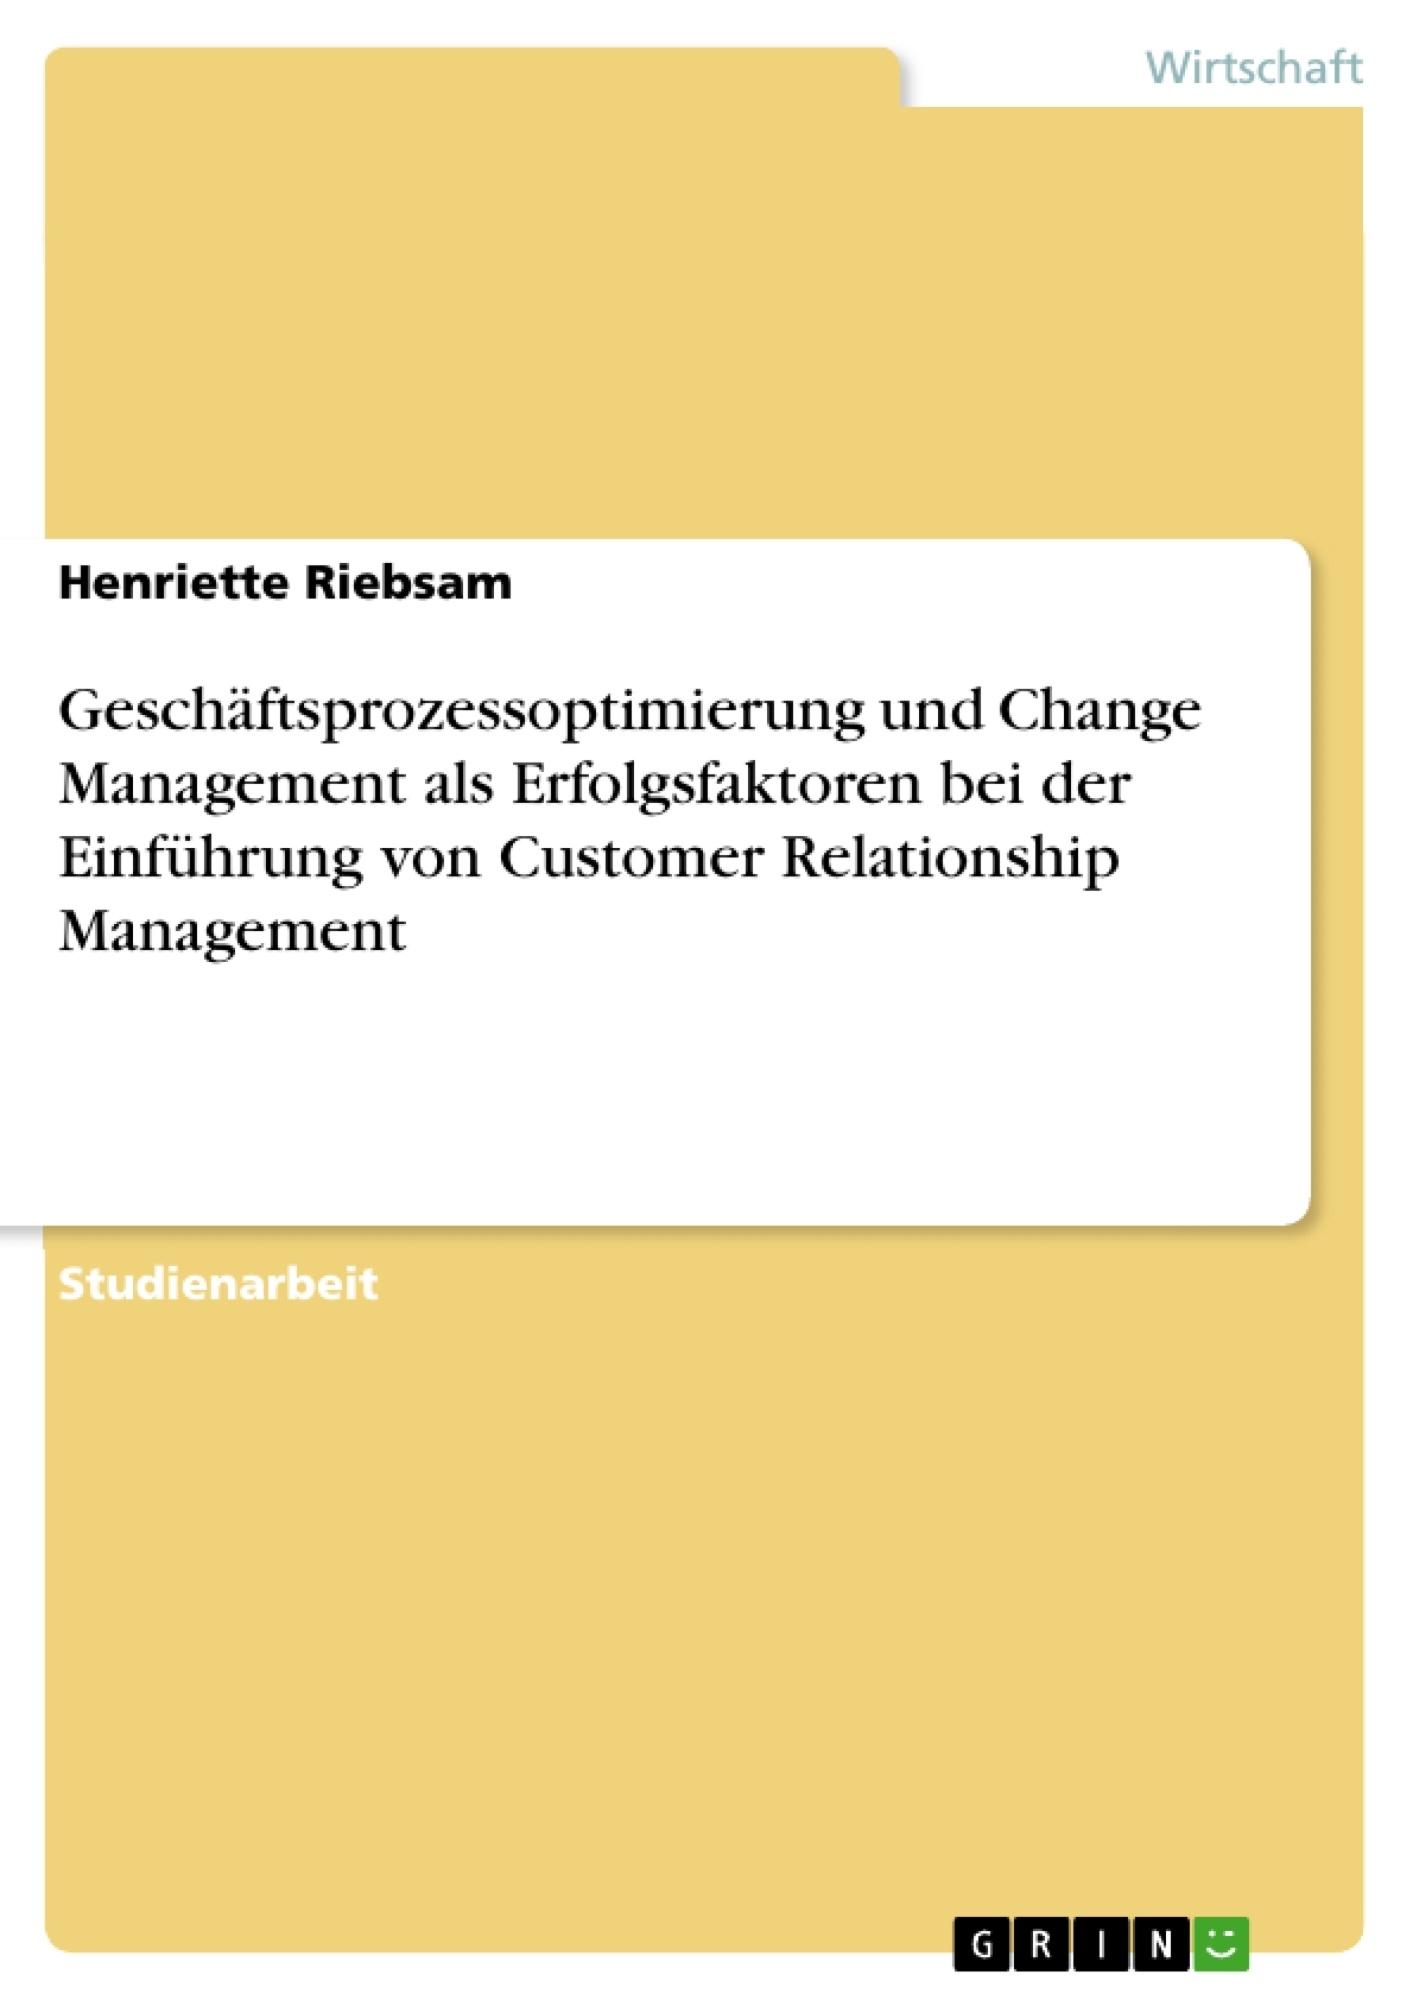 Titel: Geschäftsprozessoptimierung und Change Management als Erfolgsfaktoren bei der Einführung von Customer Relationship Management